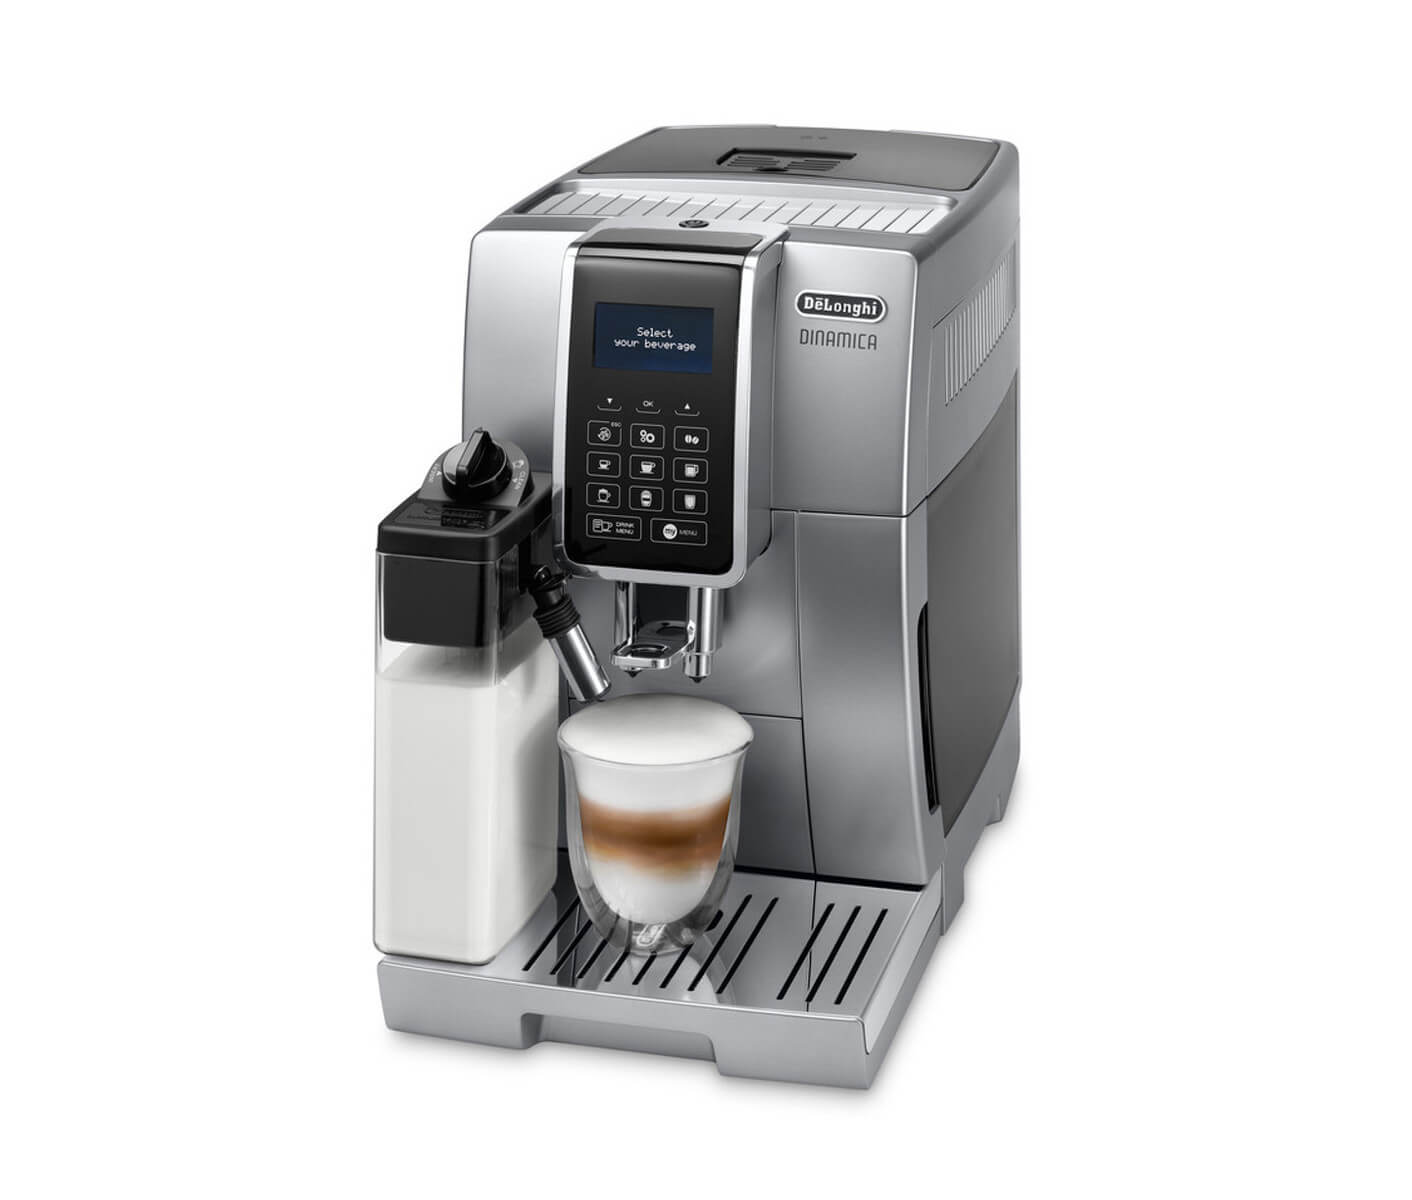 kaffebryggare med kvarn och mjölkskummare